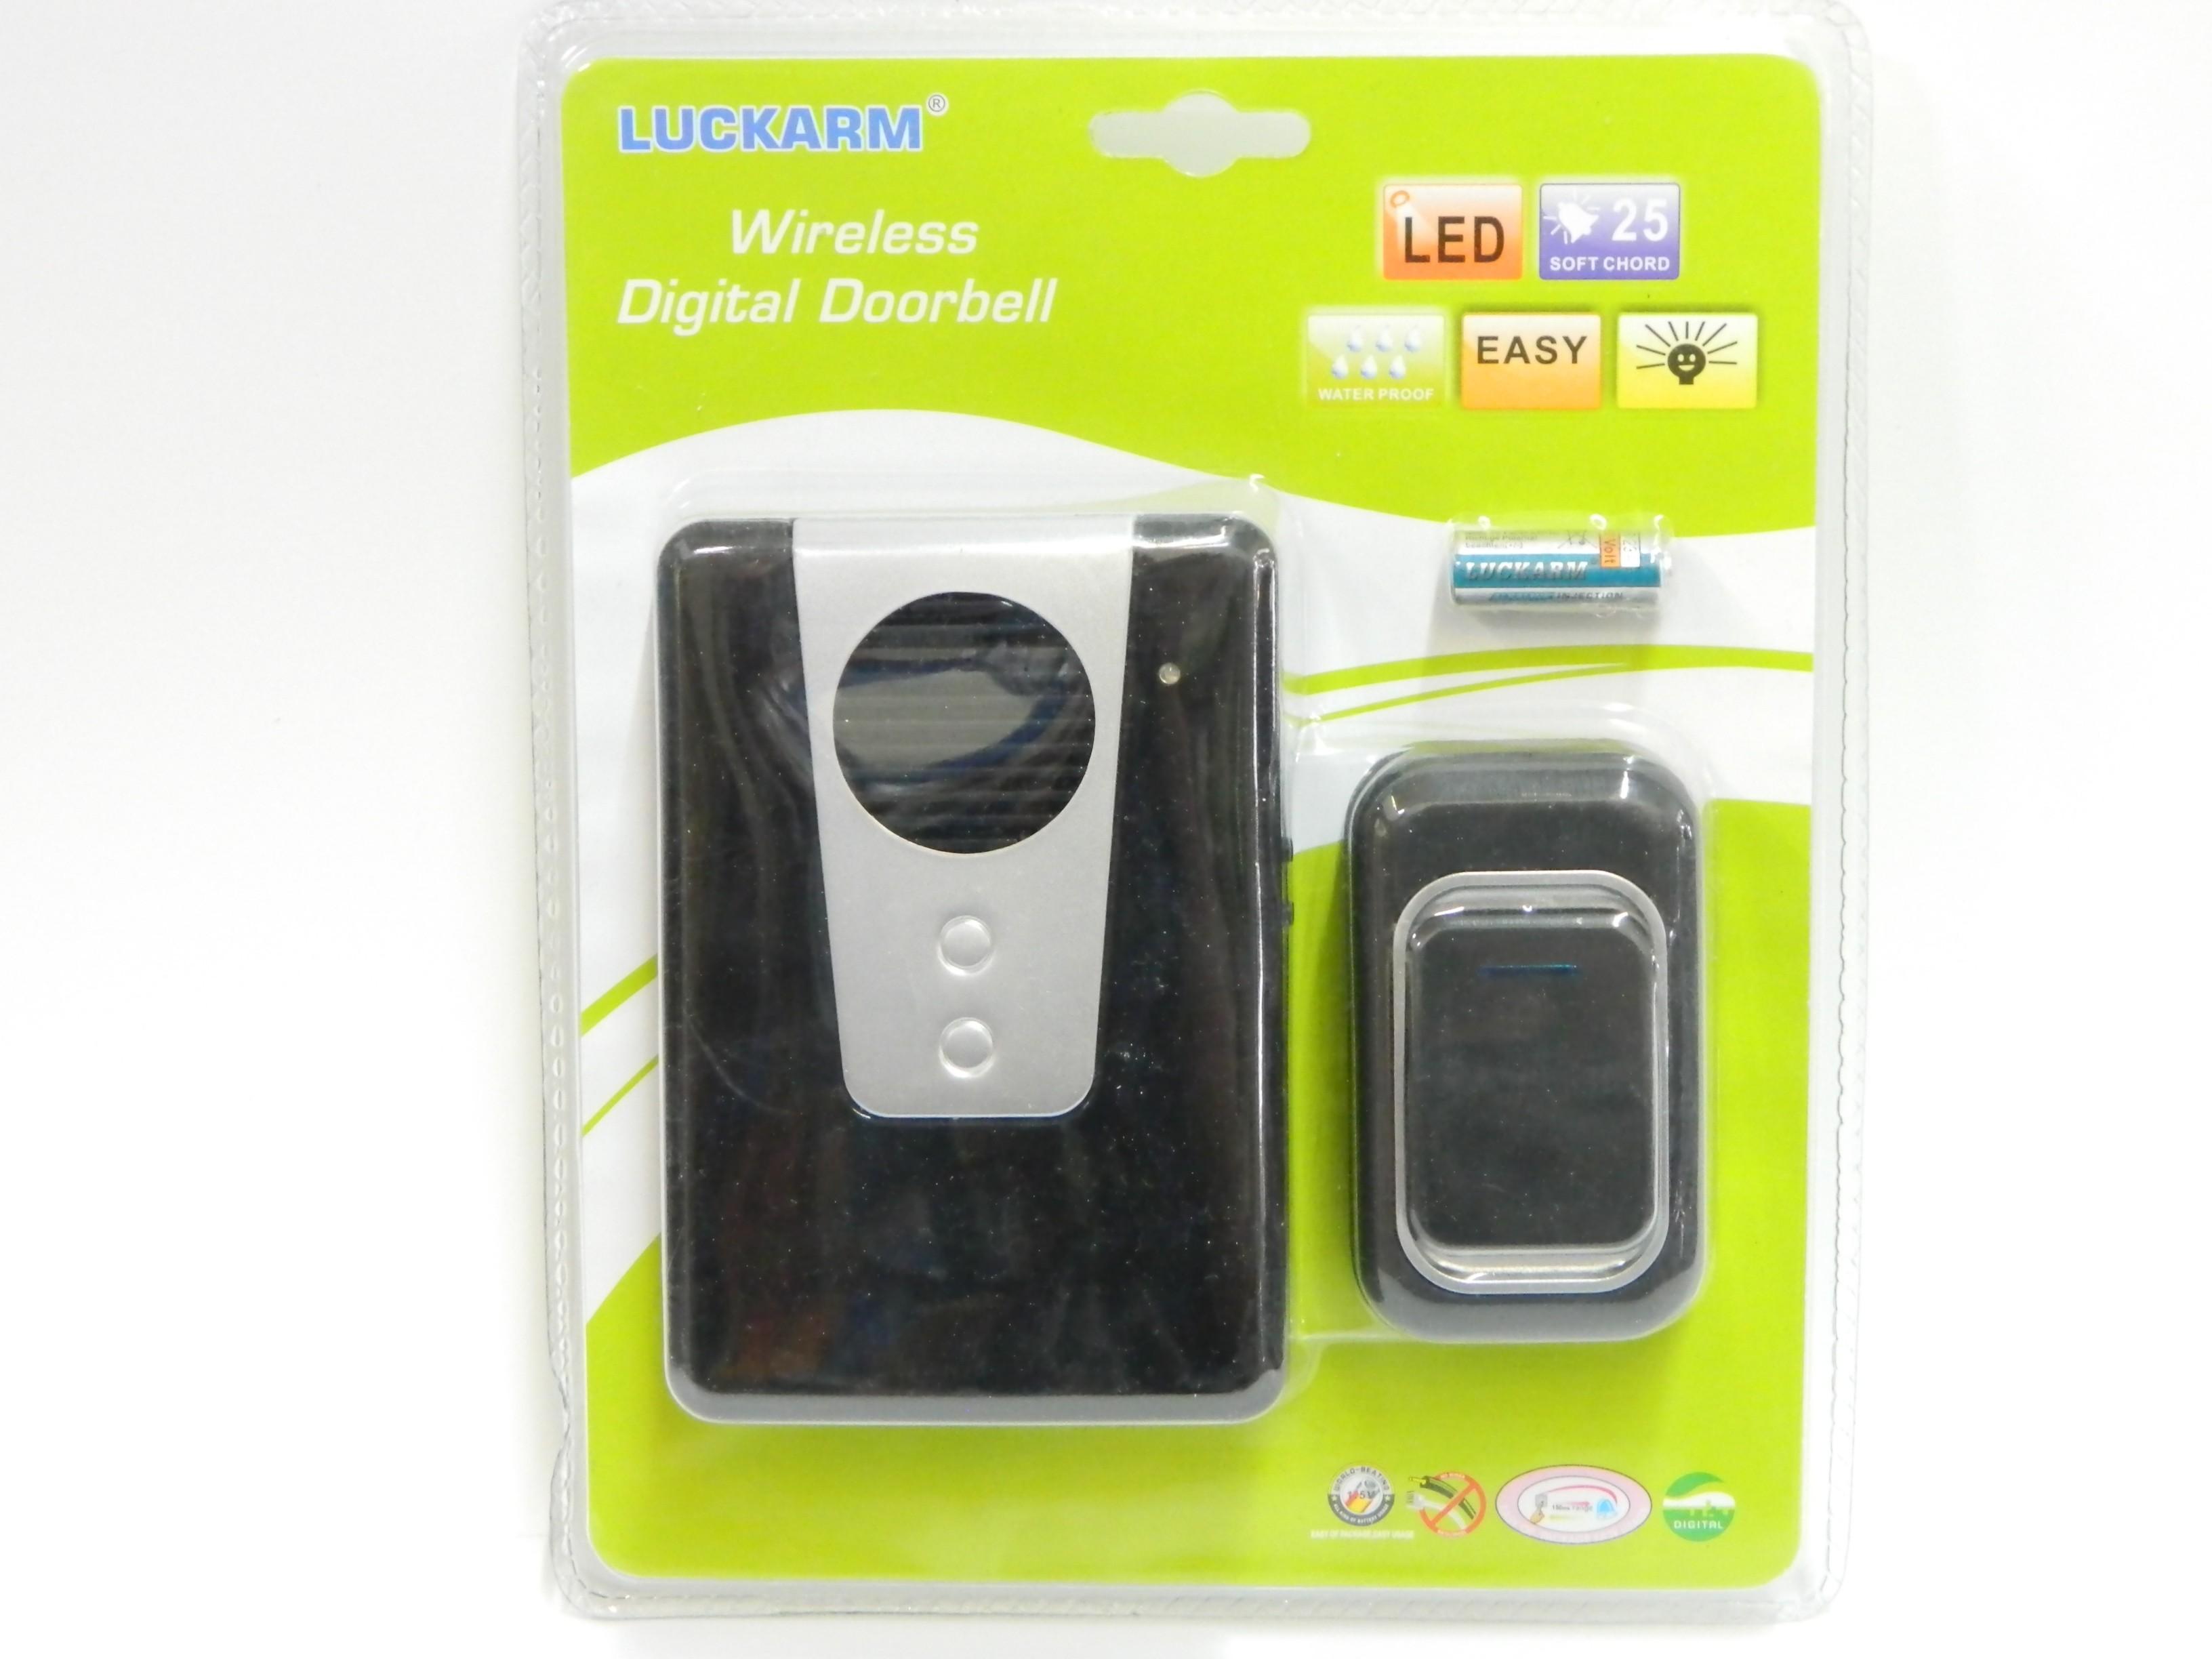 Sonerie Wireless/220V 3905 imagine techstar.ro 2021